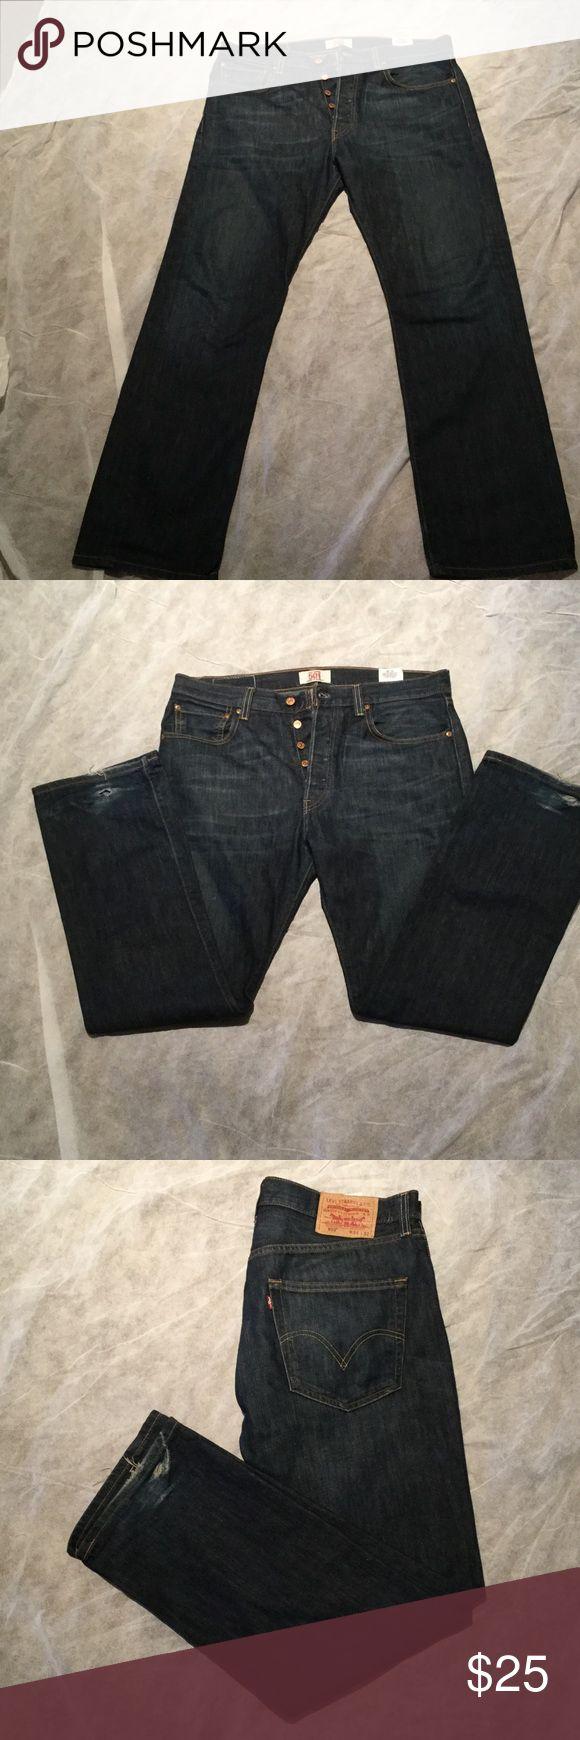 Levi 501 button fly vagabond jeans Vagabond Levi's 501 button fly jeans in awesome condition Levi's Jeans Bootcut